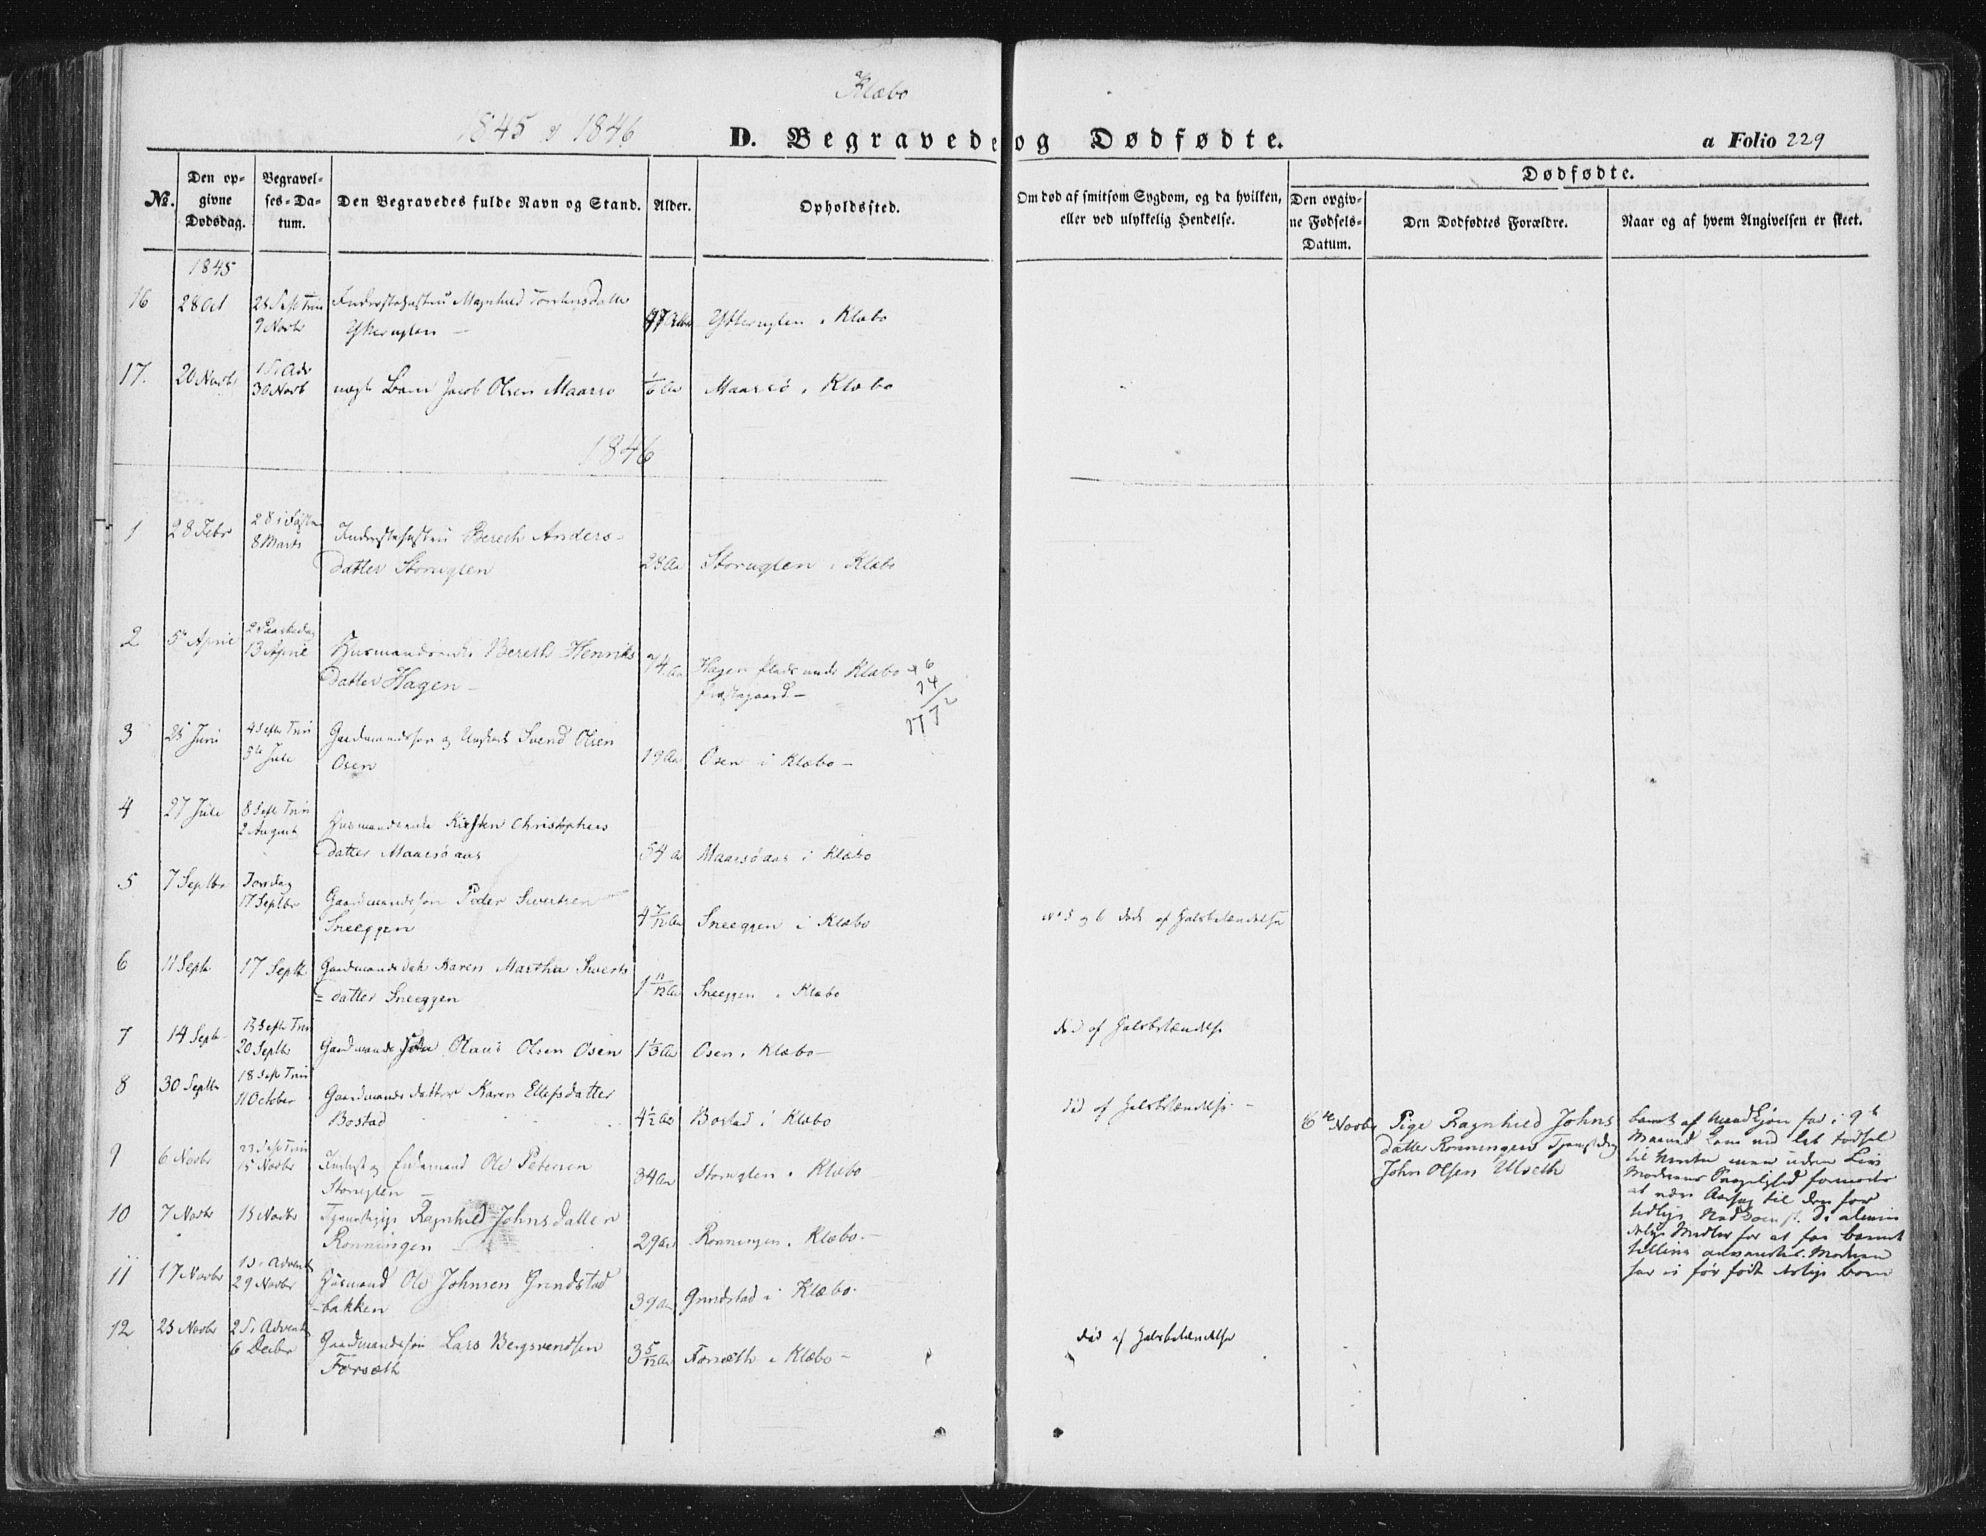 SAT, Ministerialprotokoller, klokkerbøker og fødselsregistre - Sør-Trøndelag, 618/L0441: Ministerialbok nr. 618A05, 1843-1862, s. 229